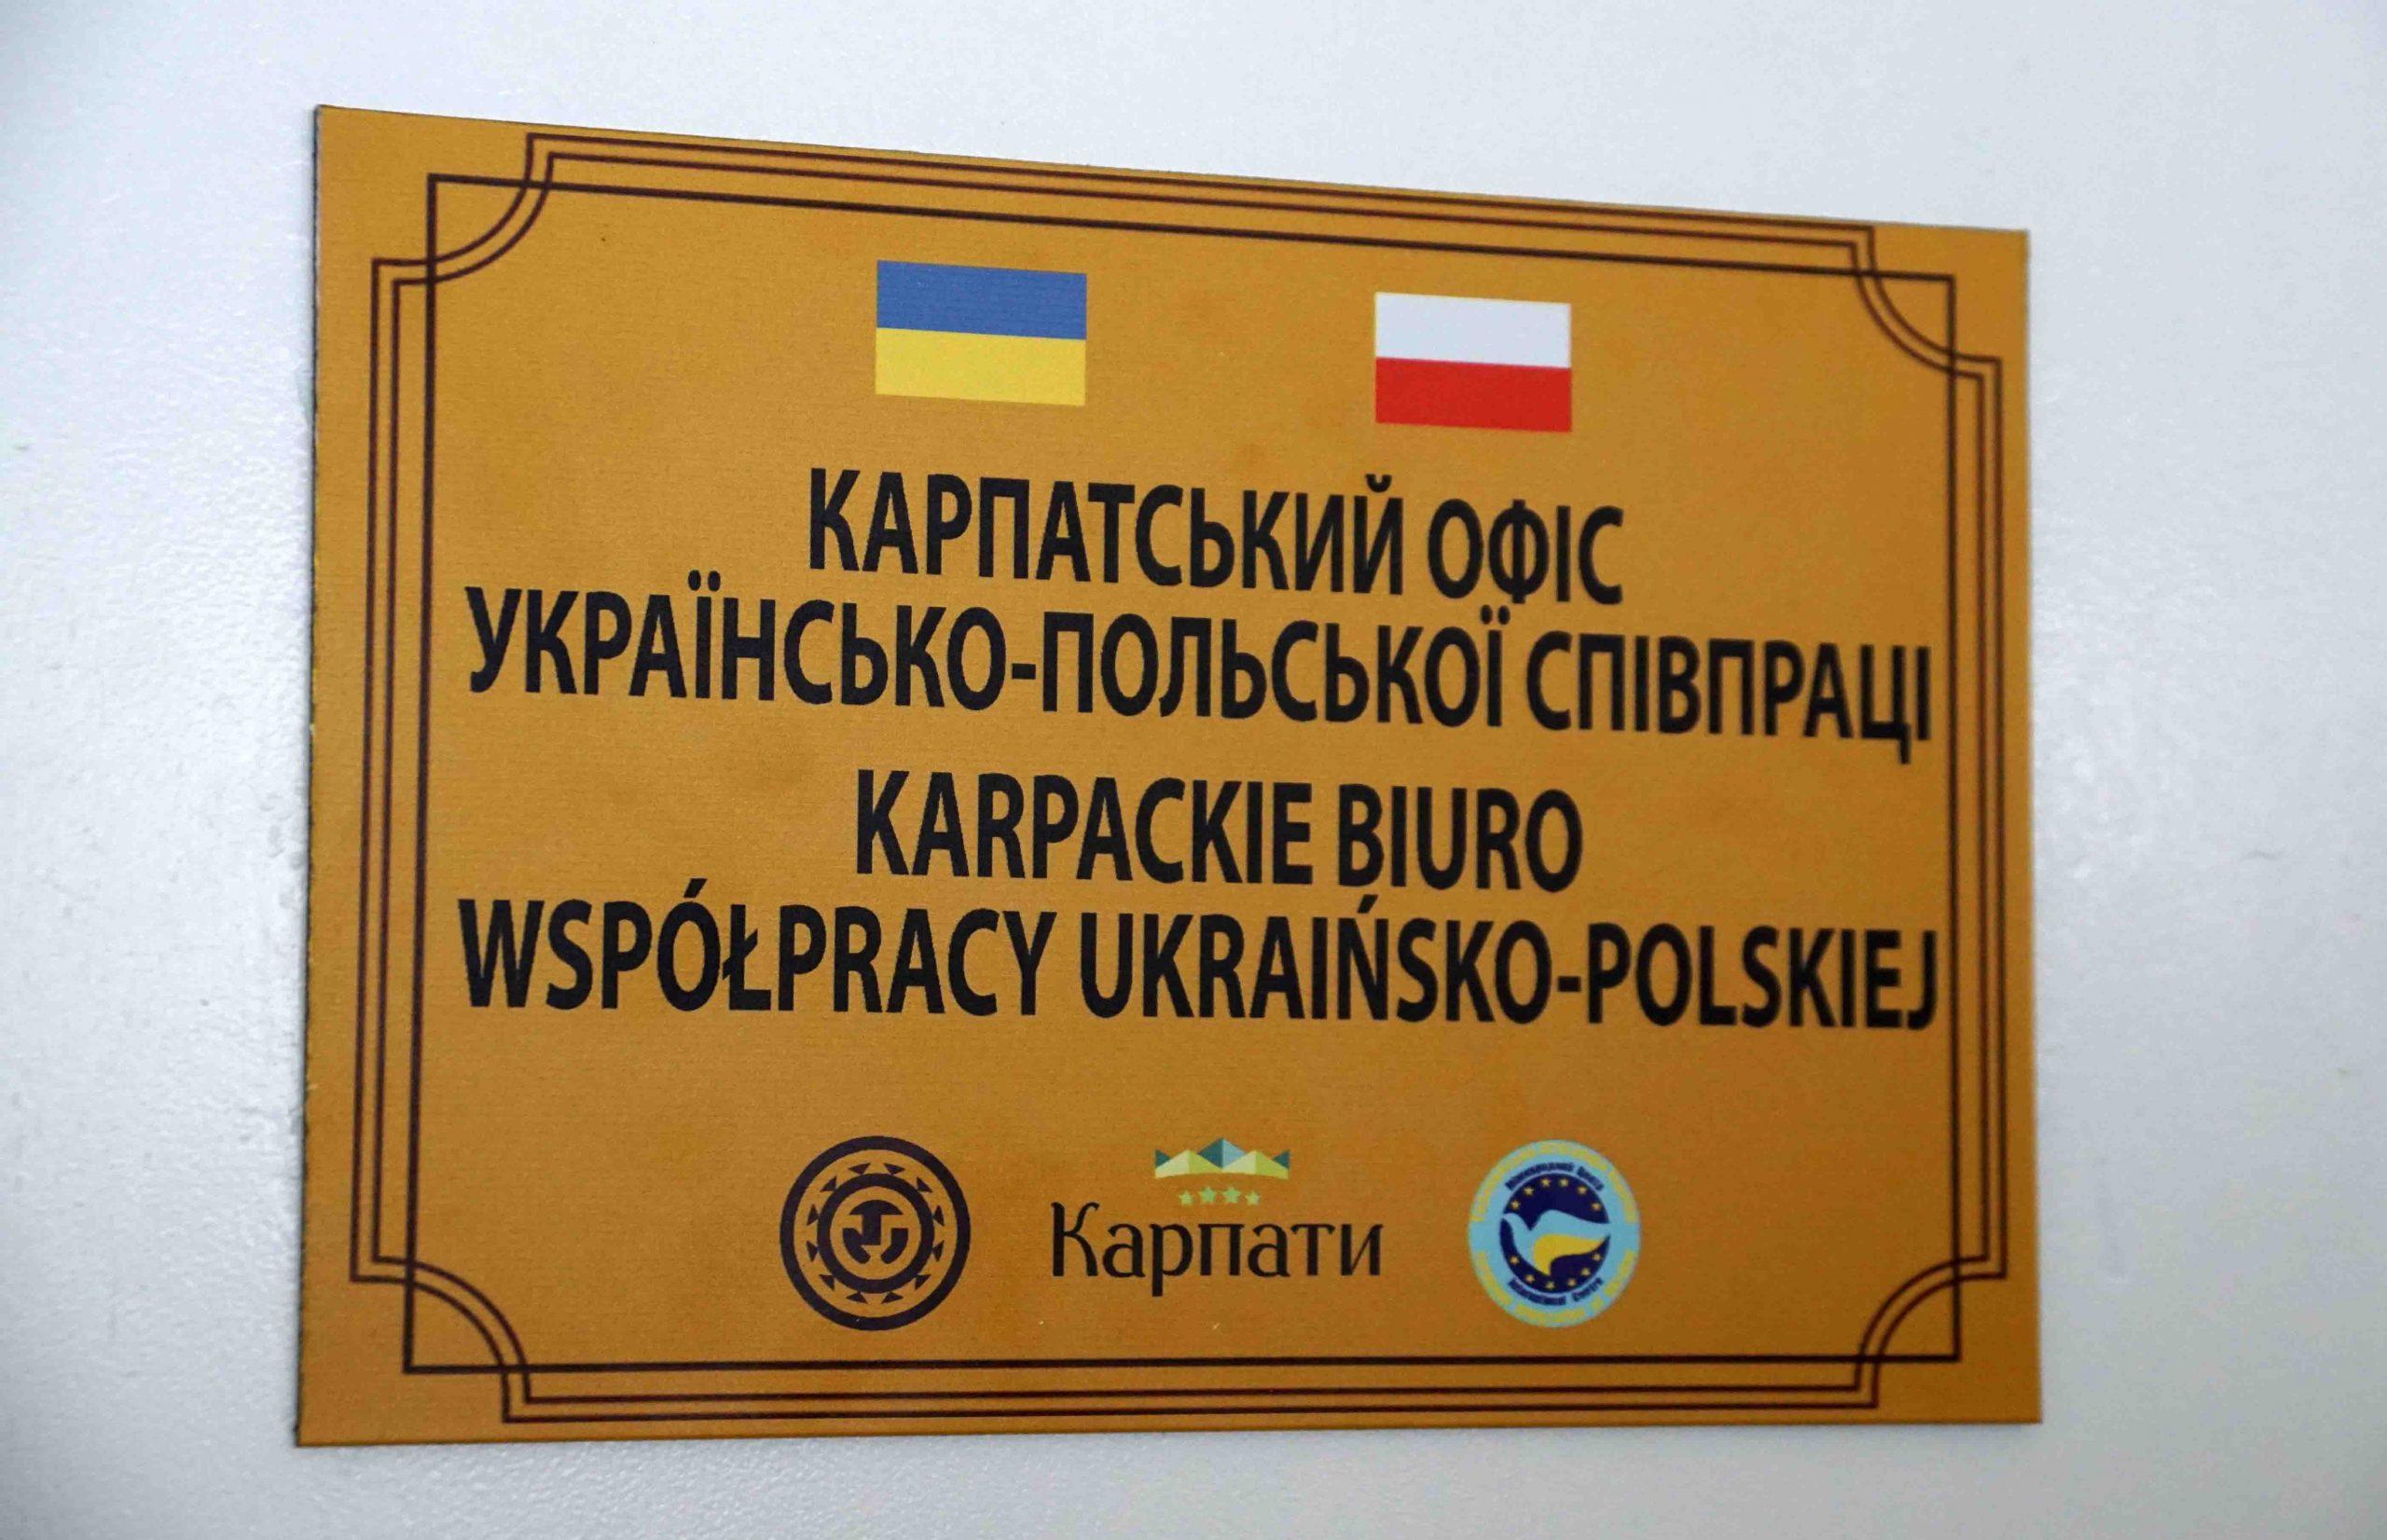 Karpackie Biuro Współpracy Ukraińsko-Polskiej